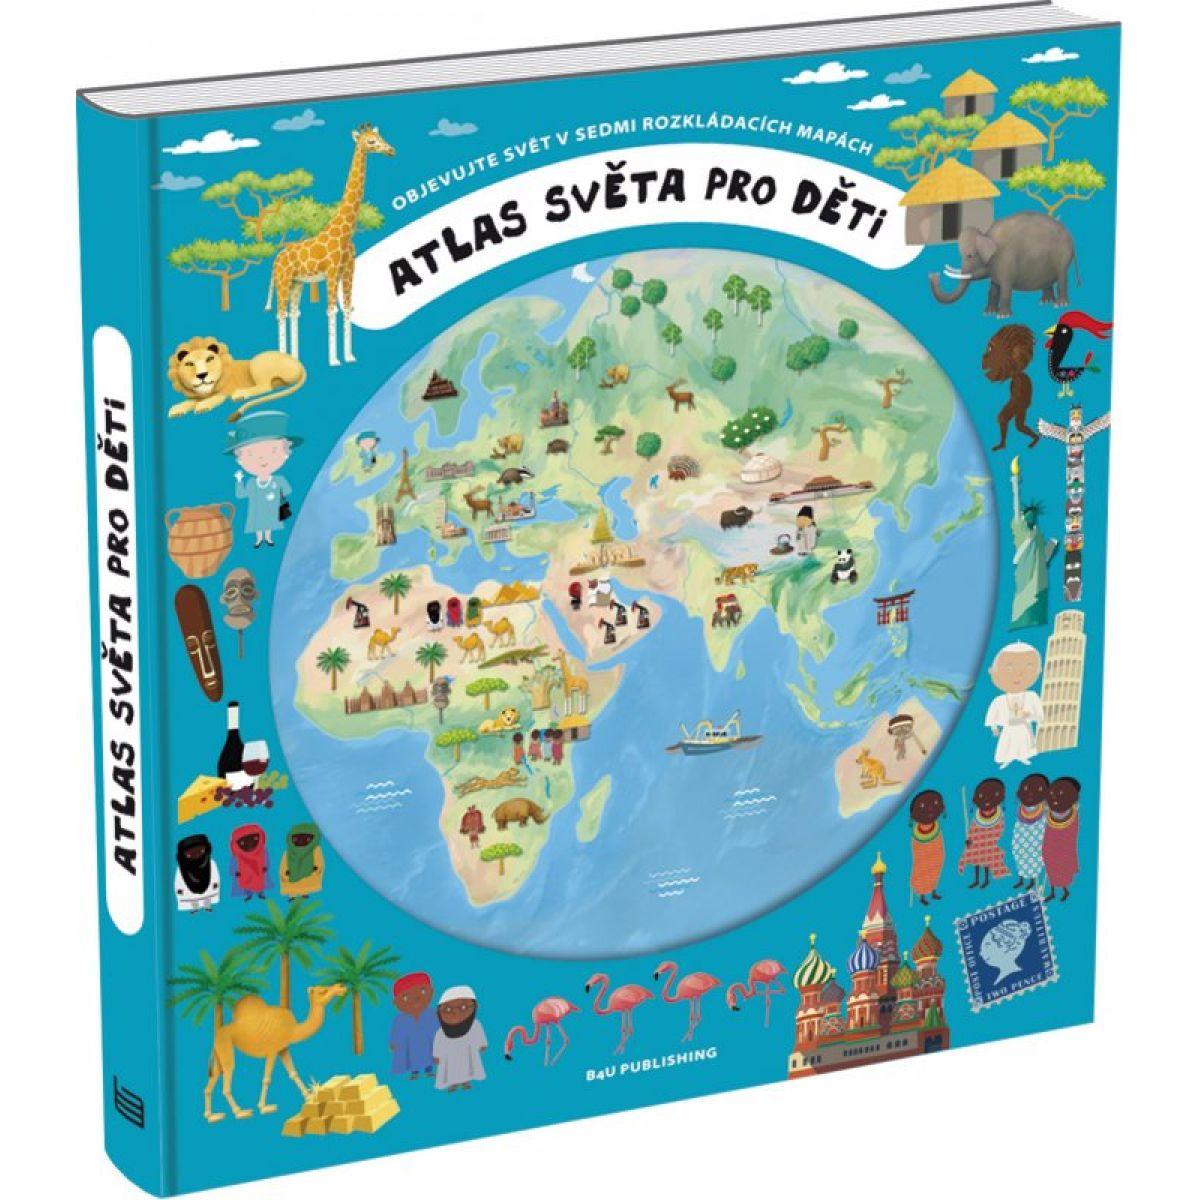 Atlas sveta pre deti - 2. vyd. - Oldřich Růžička, Iva Šišperová